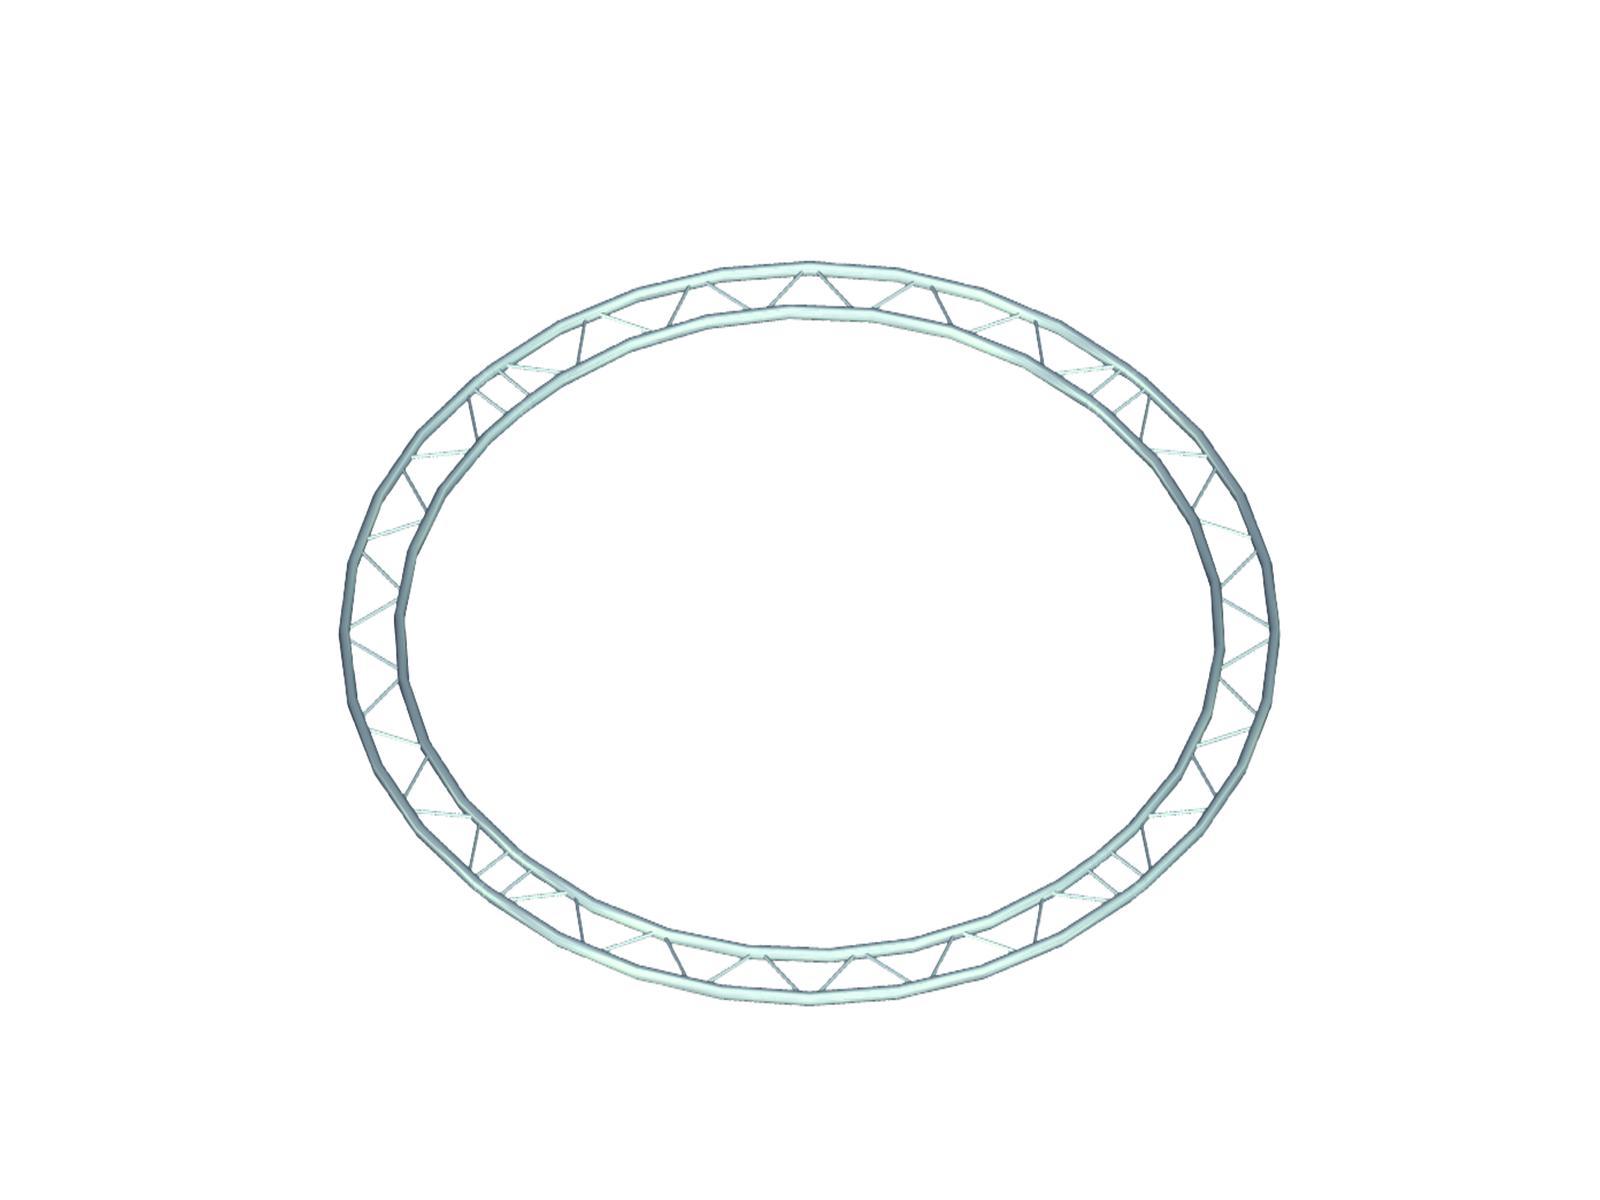 Bilock díl pro kruh d=2 m, vnitřní, horizontální 90°